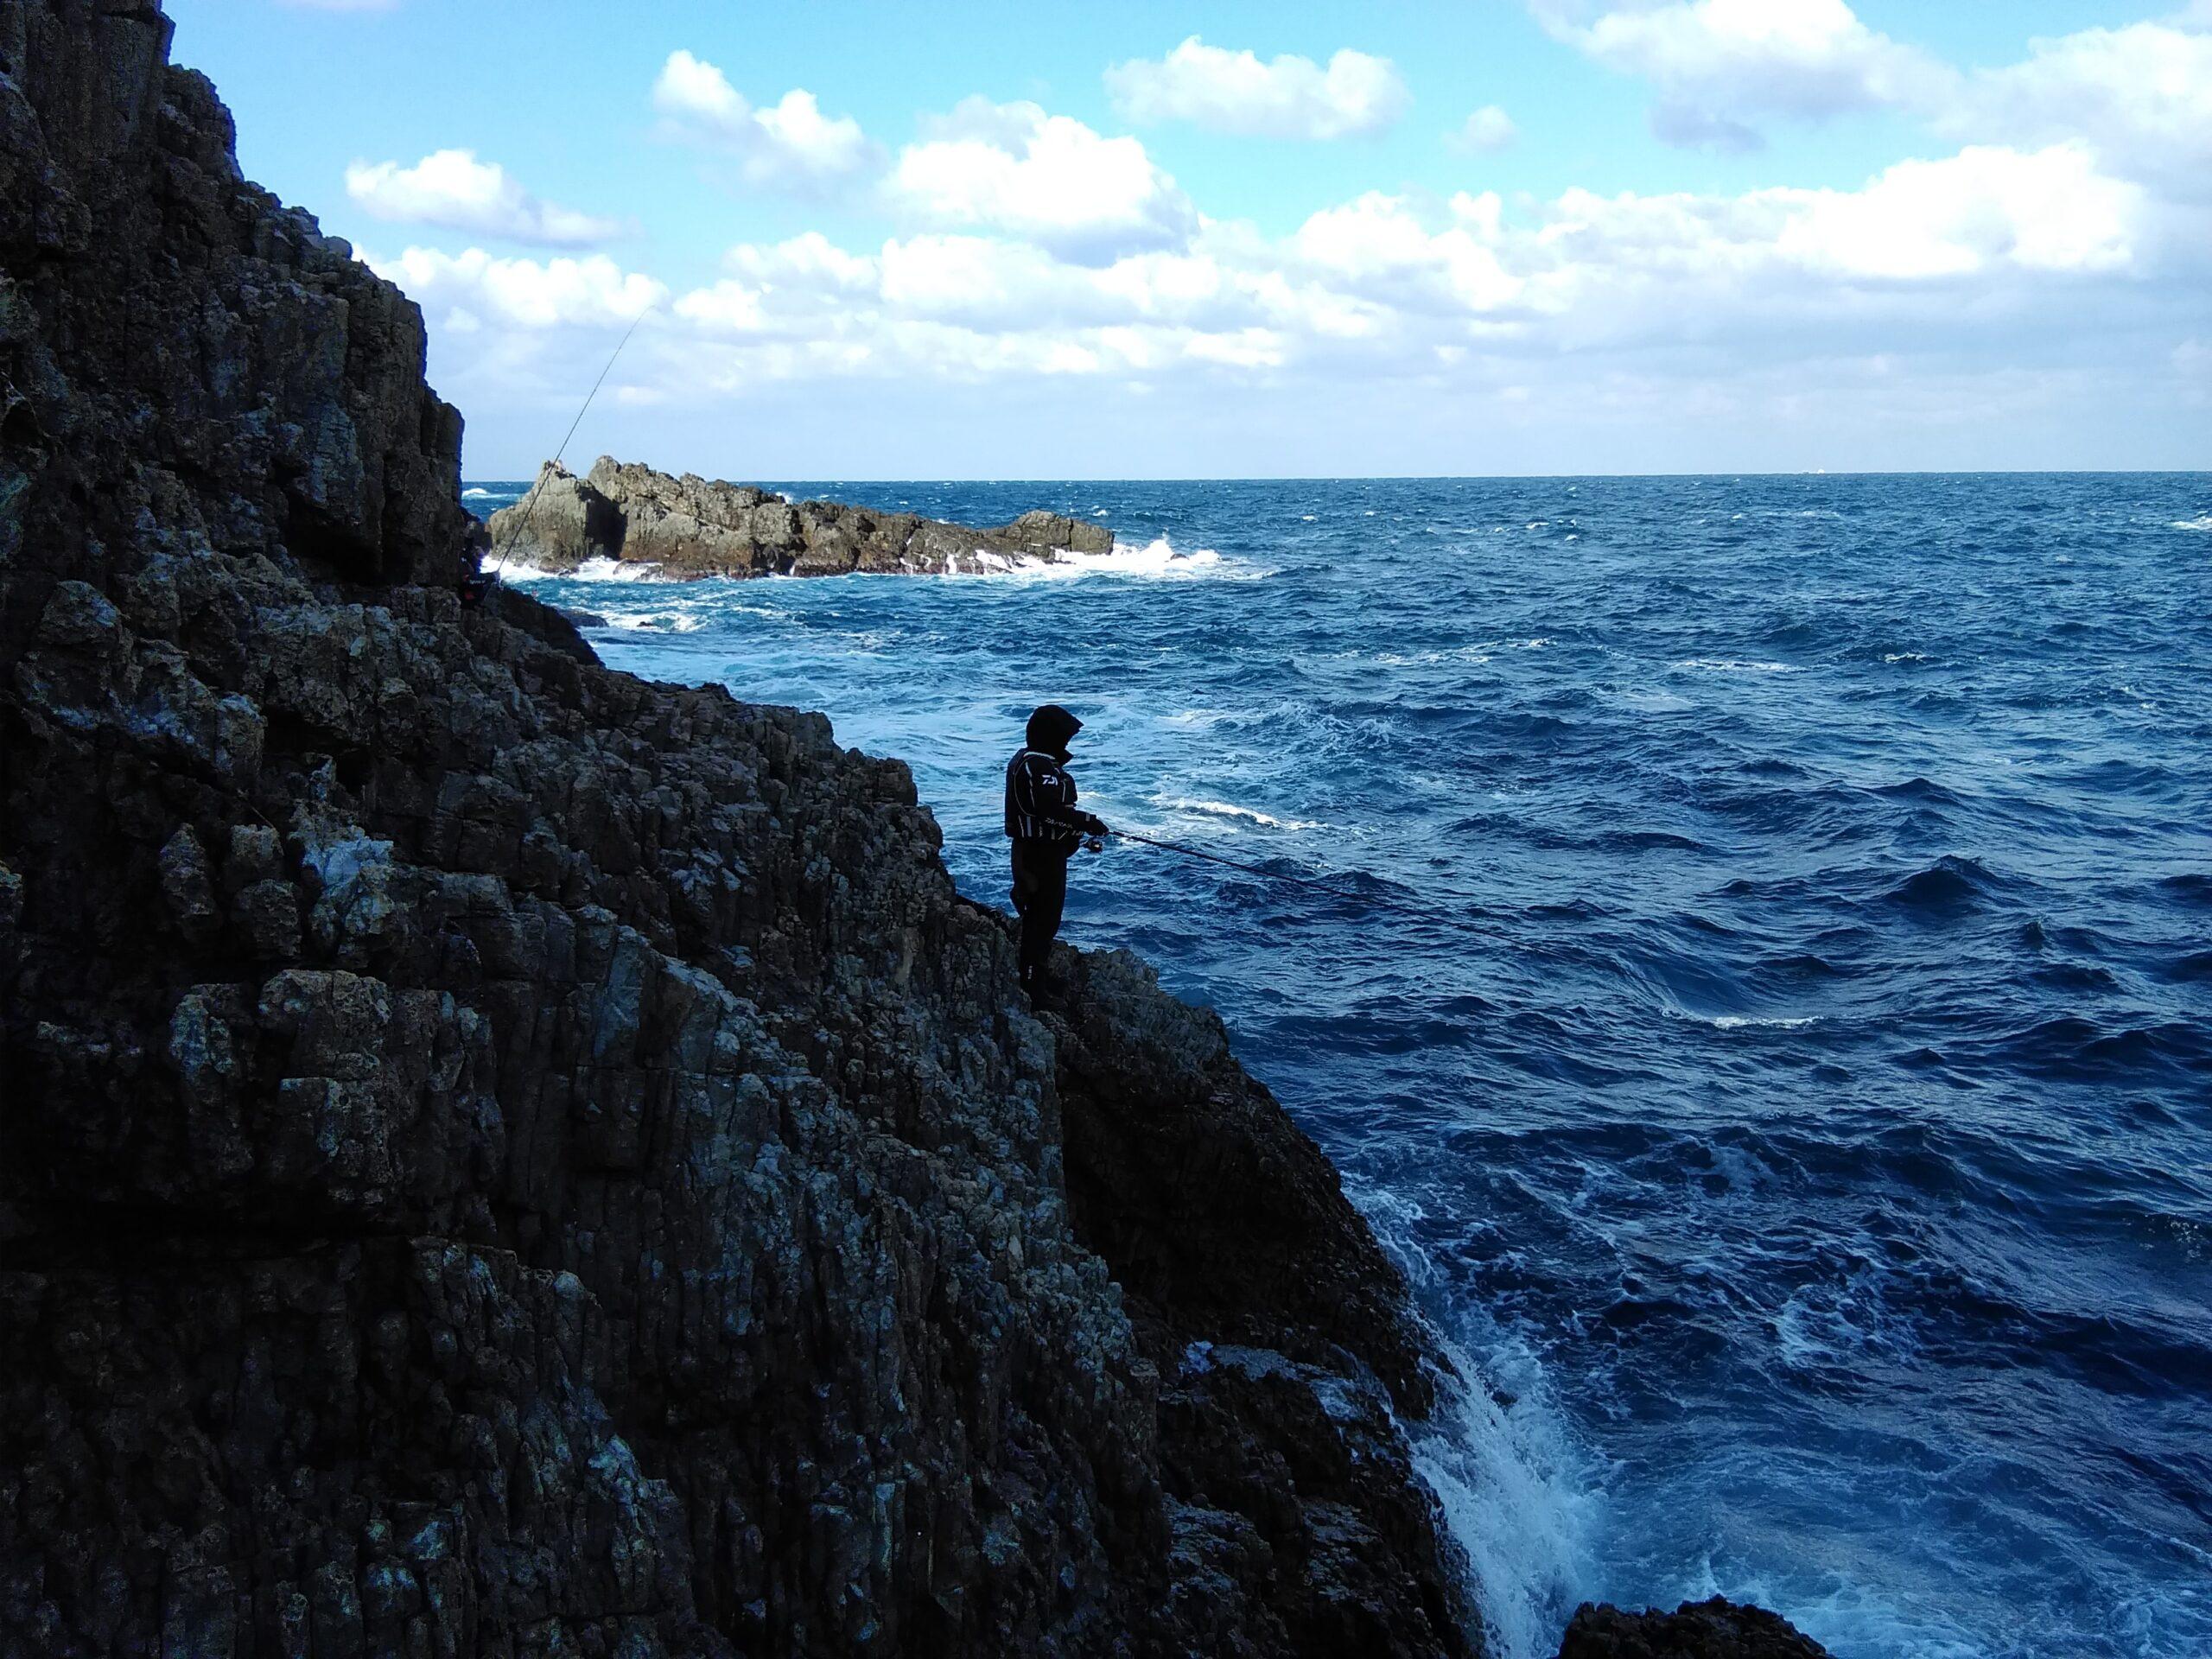 2019年一発目の釣り 島根半島・日御碕地磯で釣り